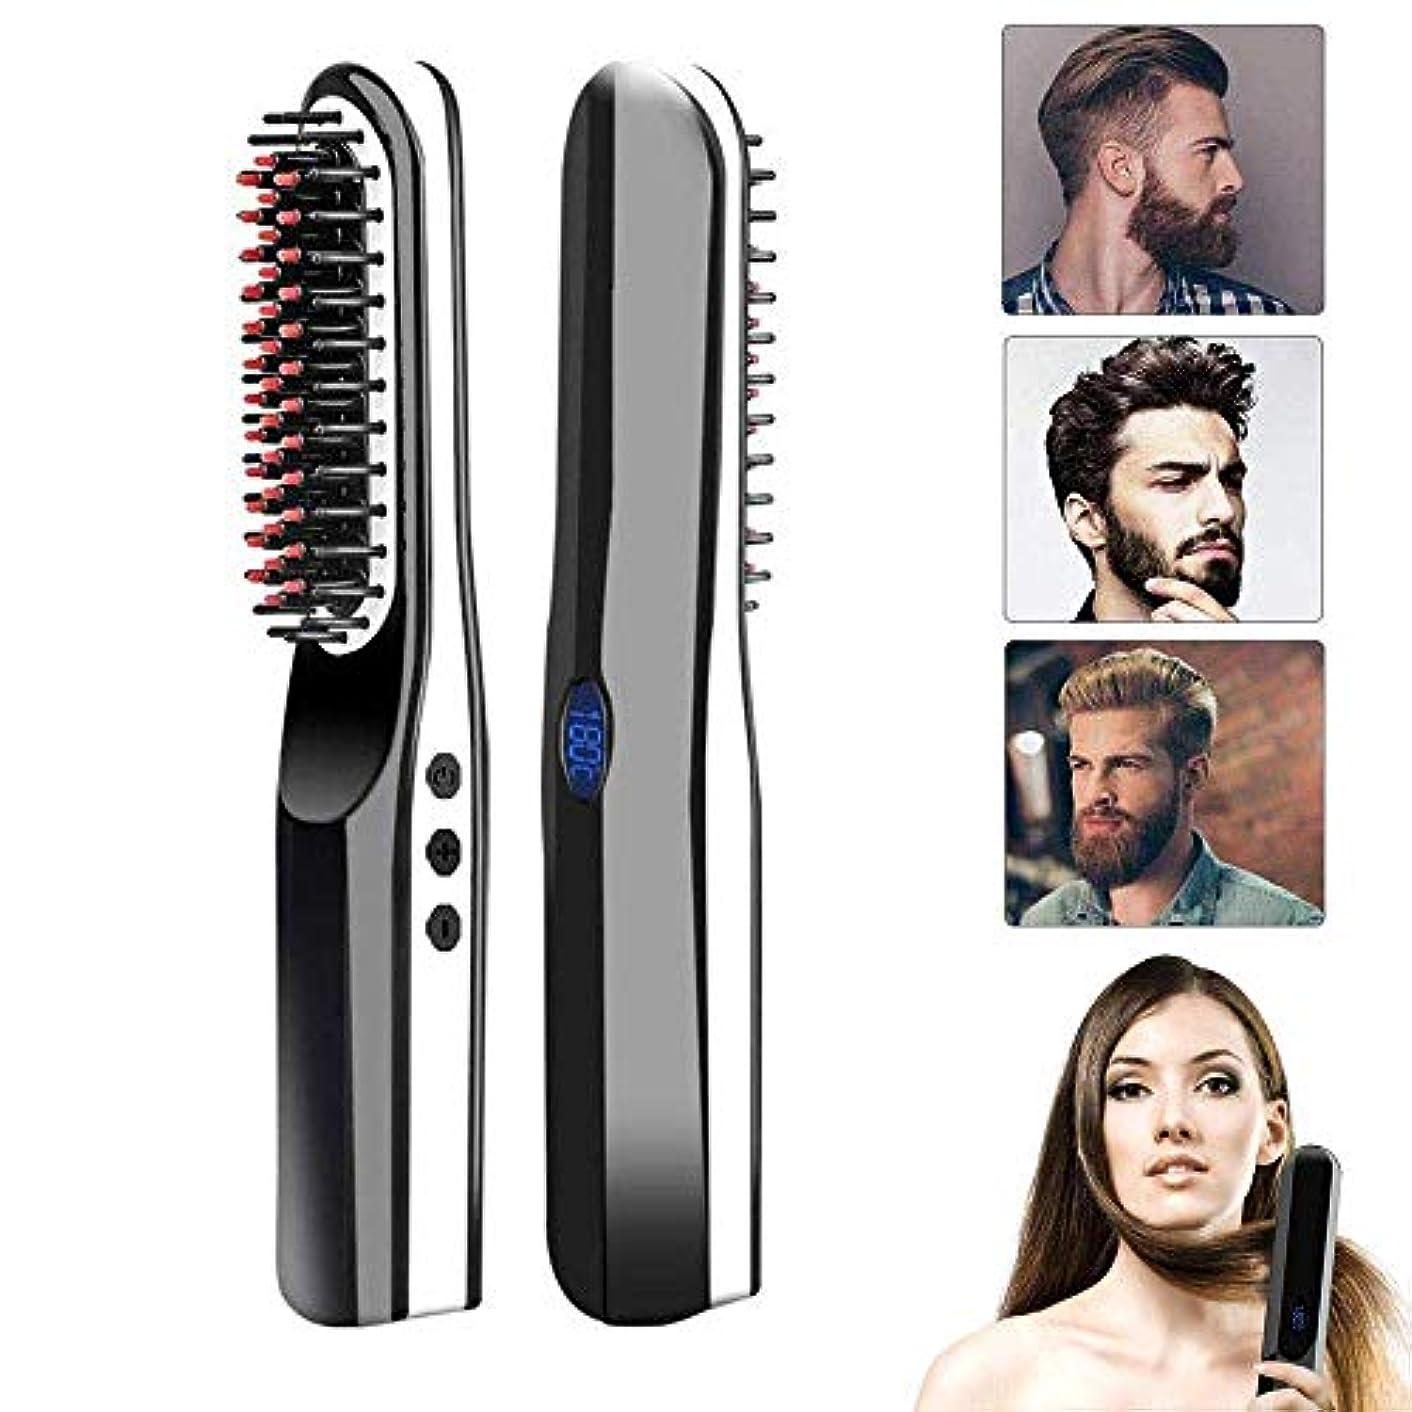 接ぎ木勧める火炎コードレスアンチスカルド自動で毛矯正ブラシ旅行/家、男性の女性のための1の2つの多機能の毛の櫛のカーリングアイロン